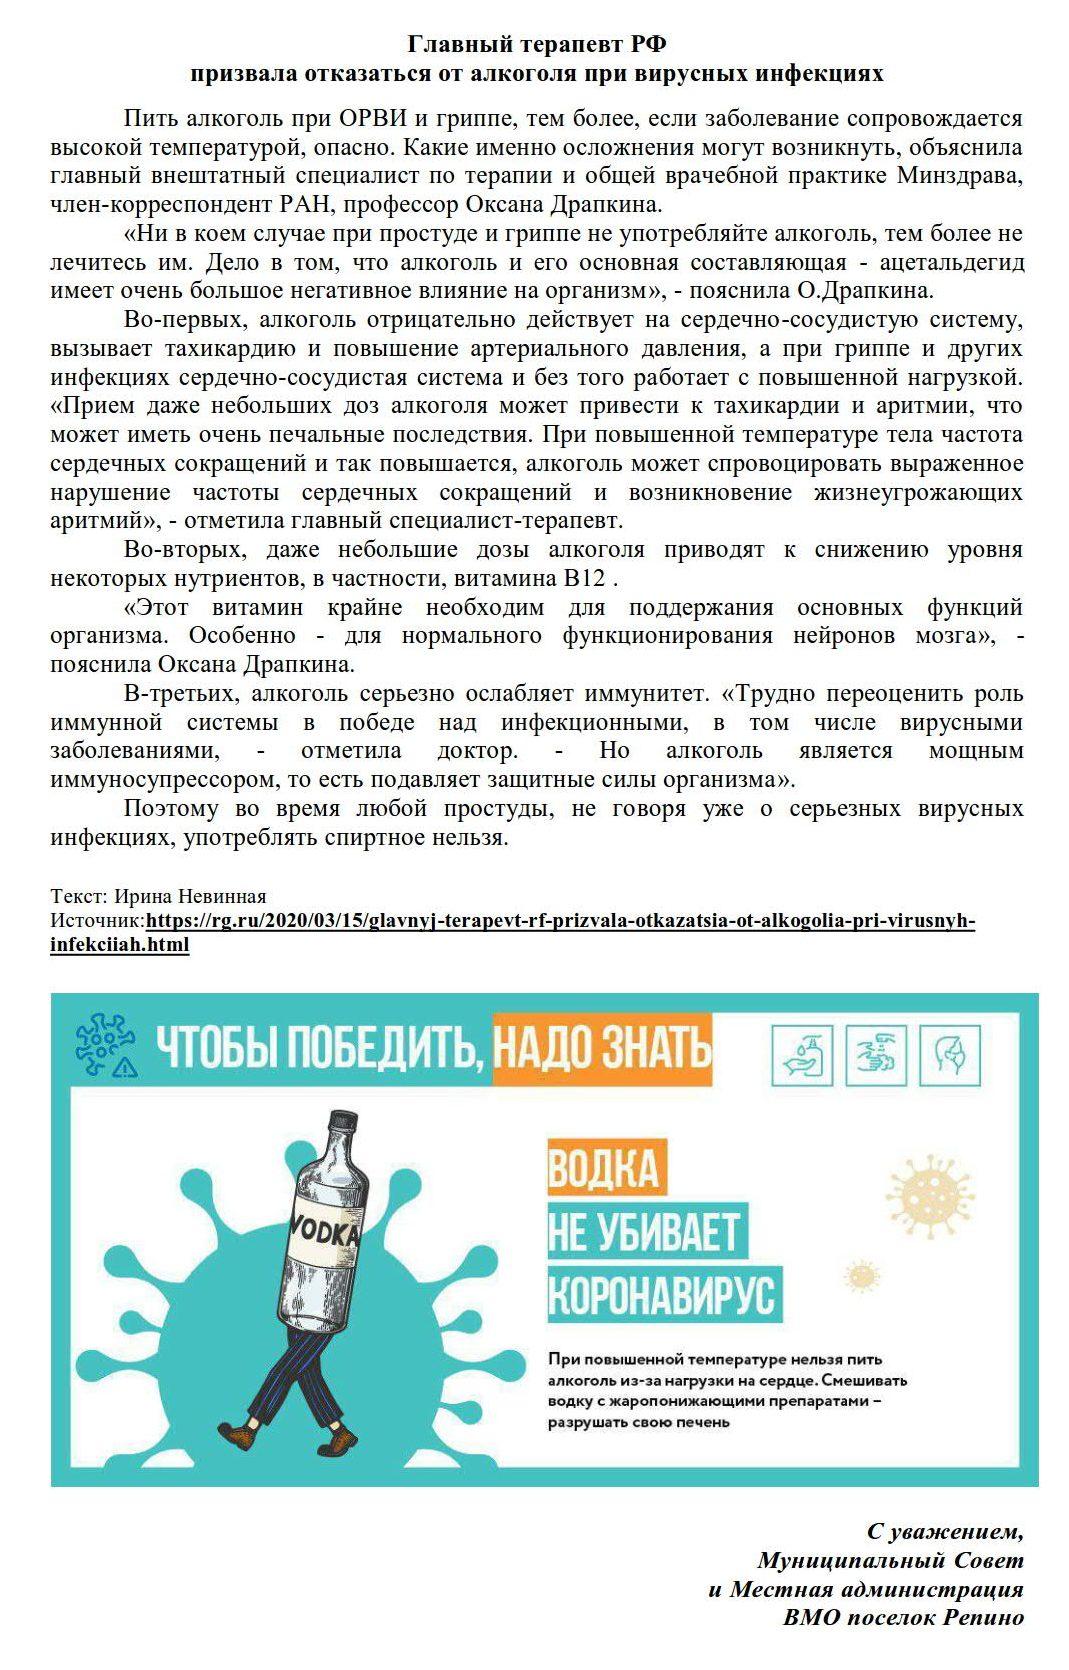 Главный терапевт РФ призвала отказаться от алкоголя при вирусных инфекциях_1